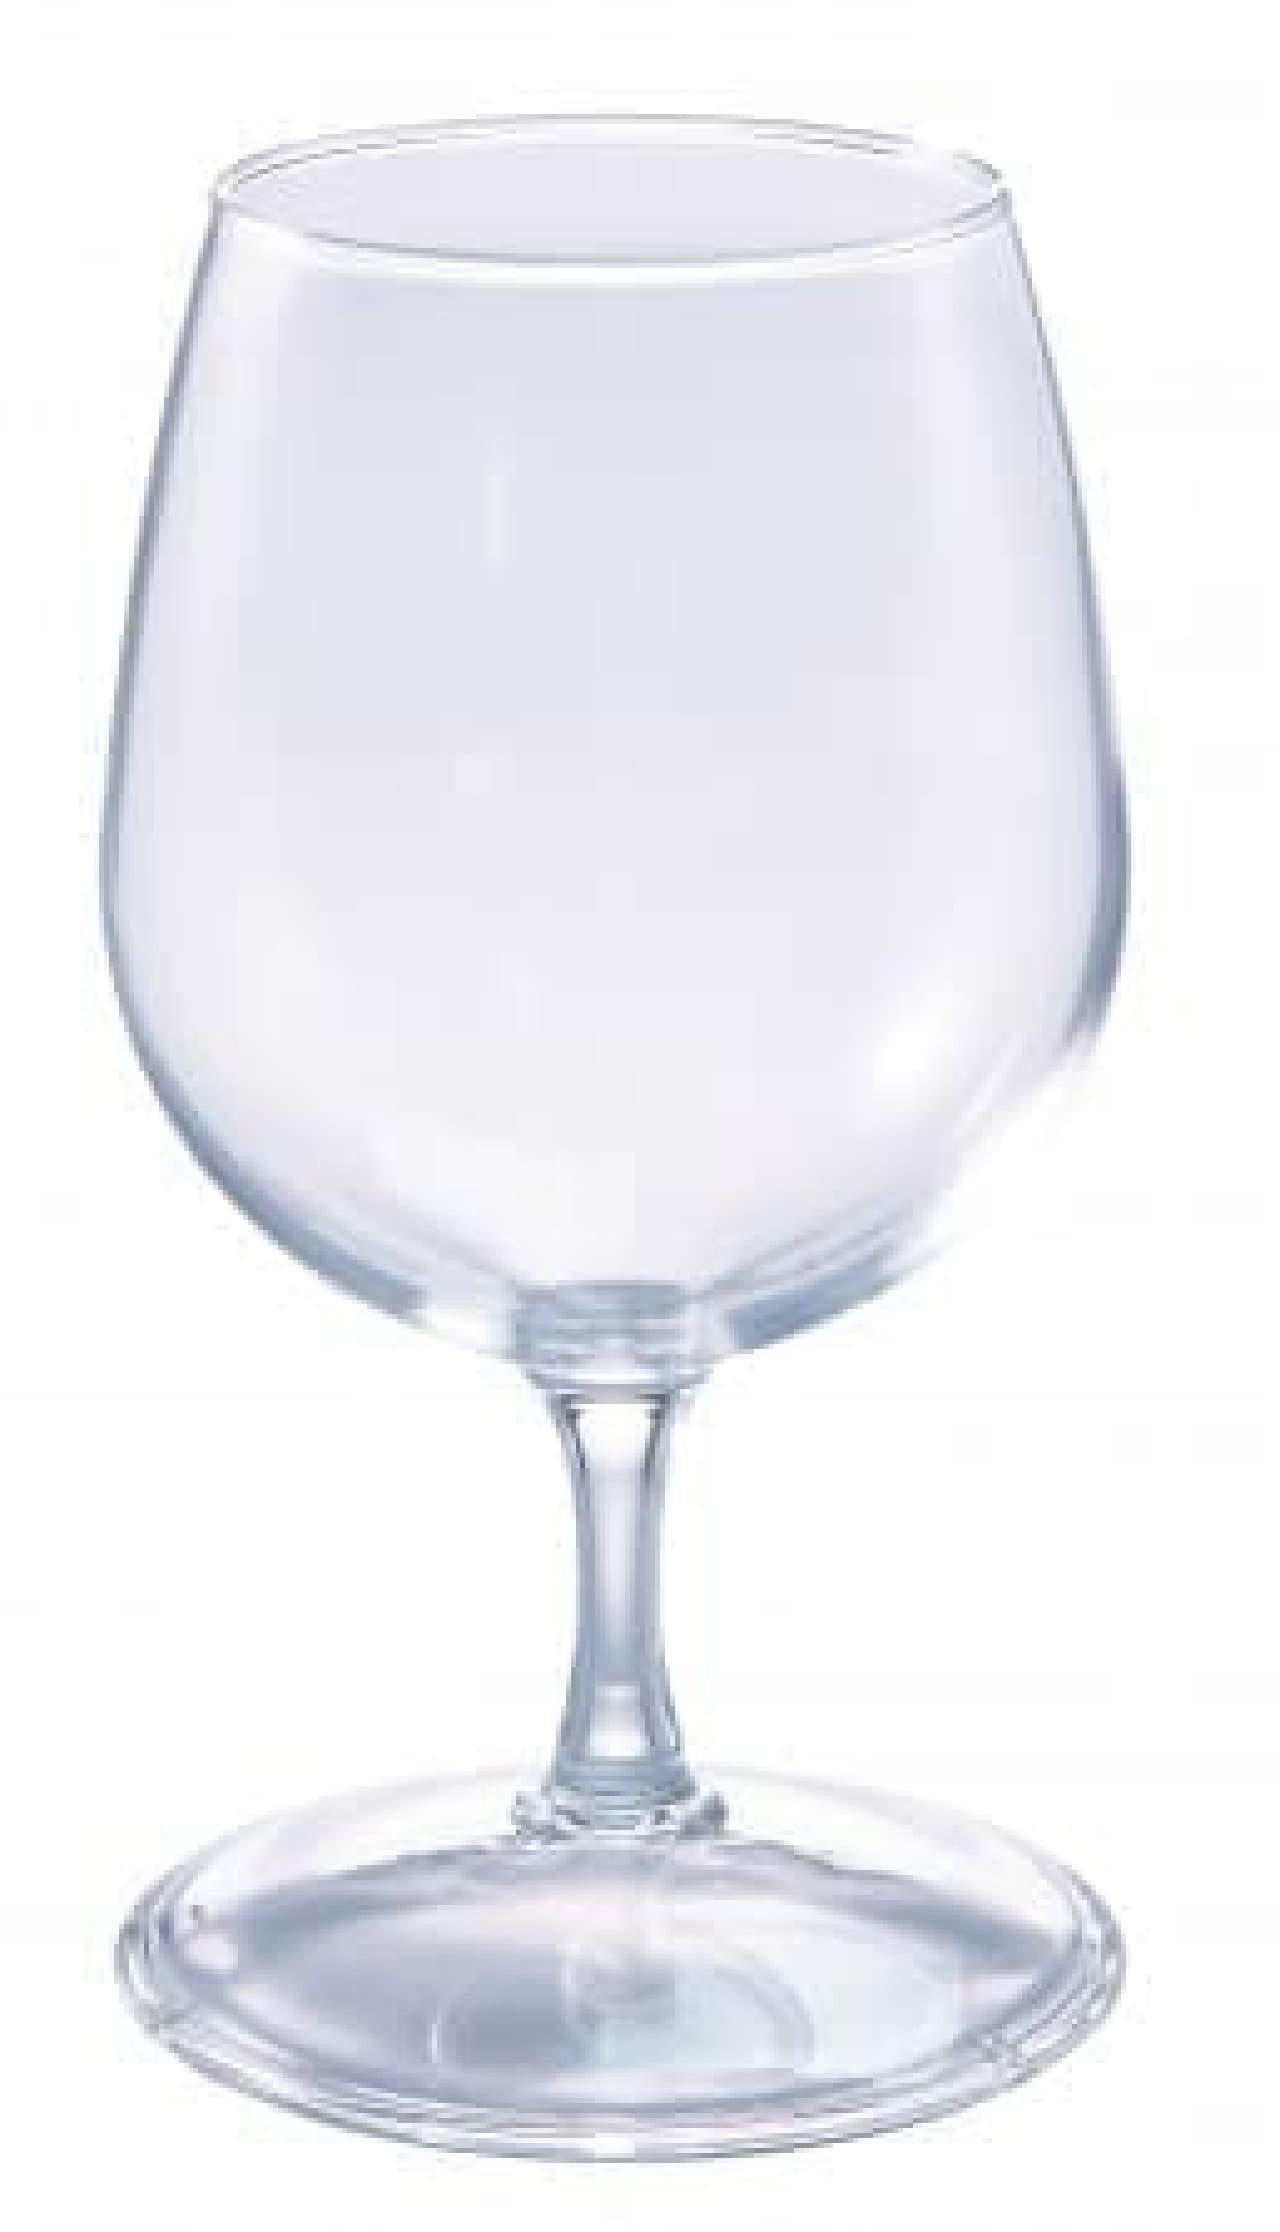 HARIO「耐熱フレーバーグラス」